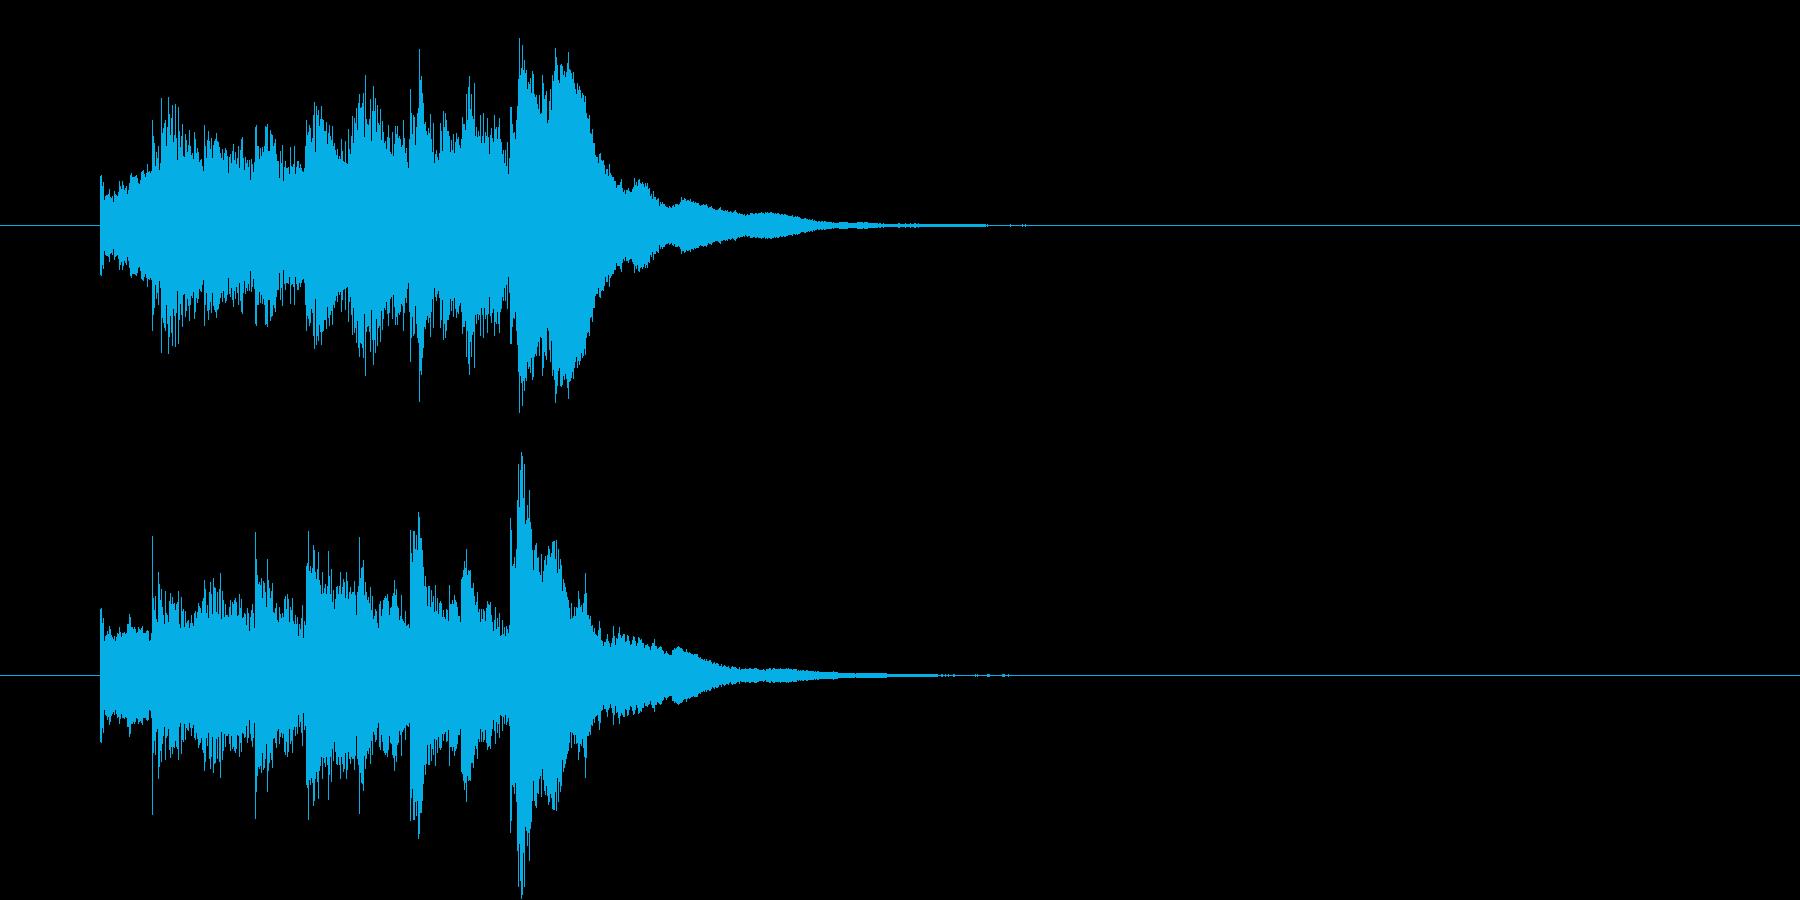 琴の駆け上がり音(ステレオ)の再生済みの波形